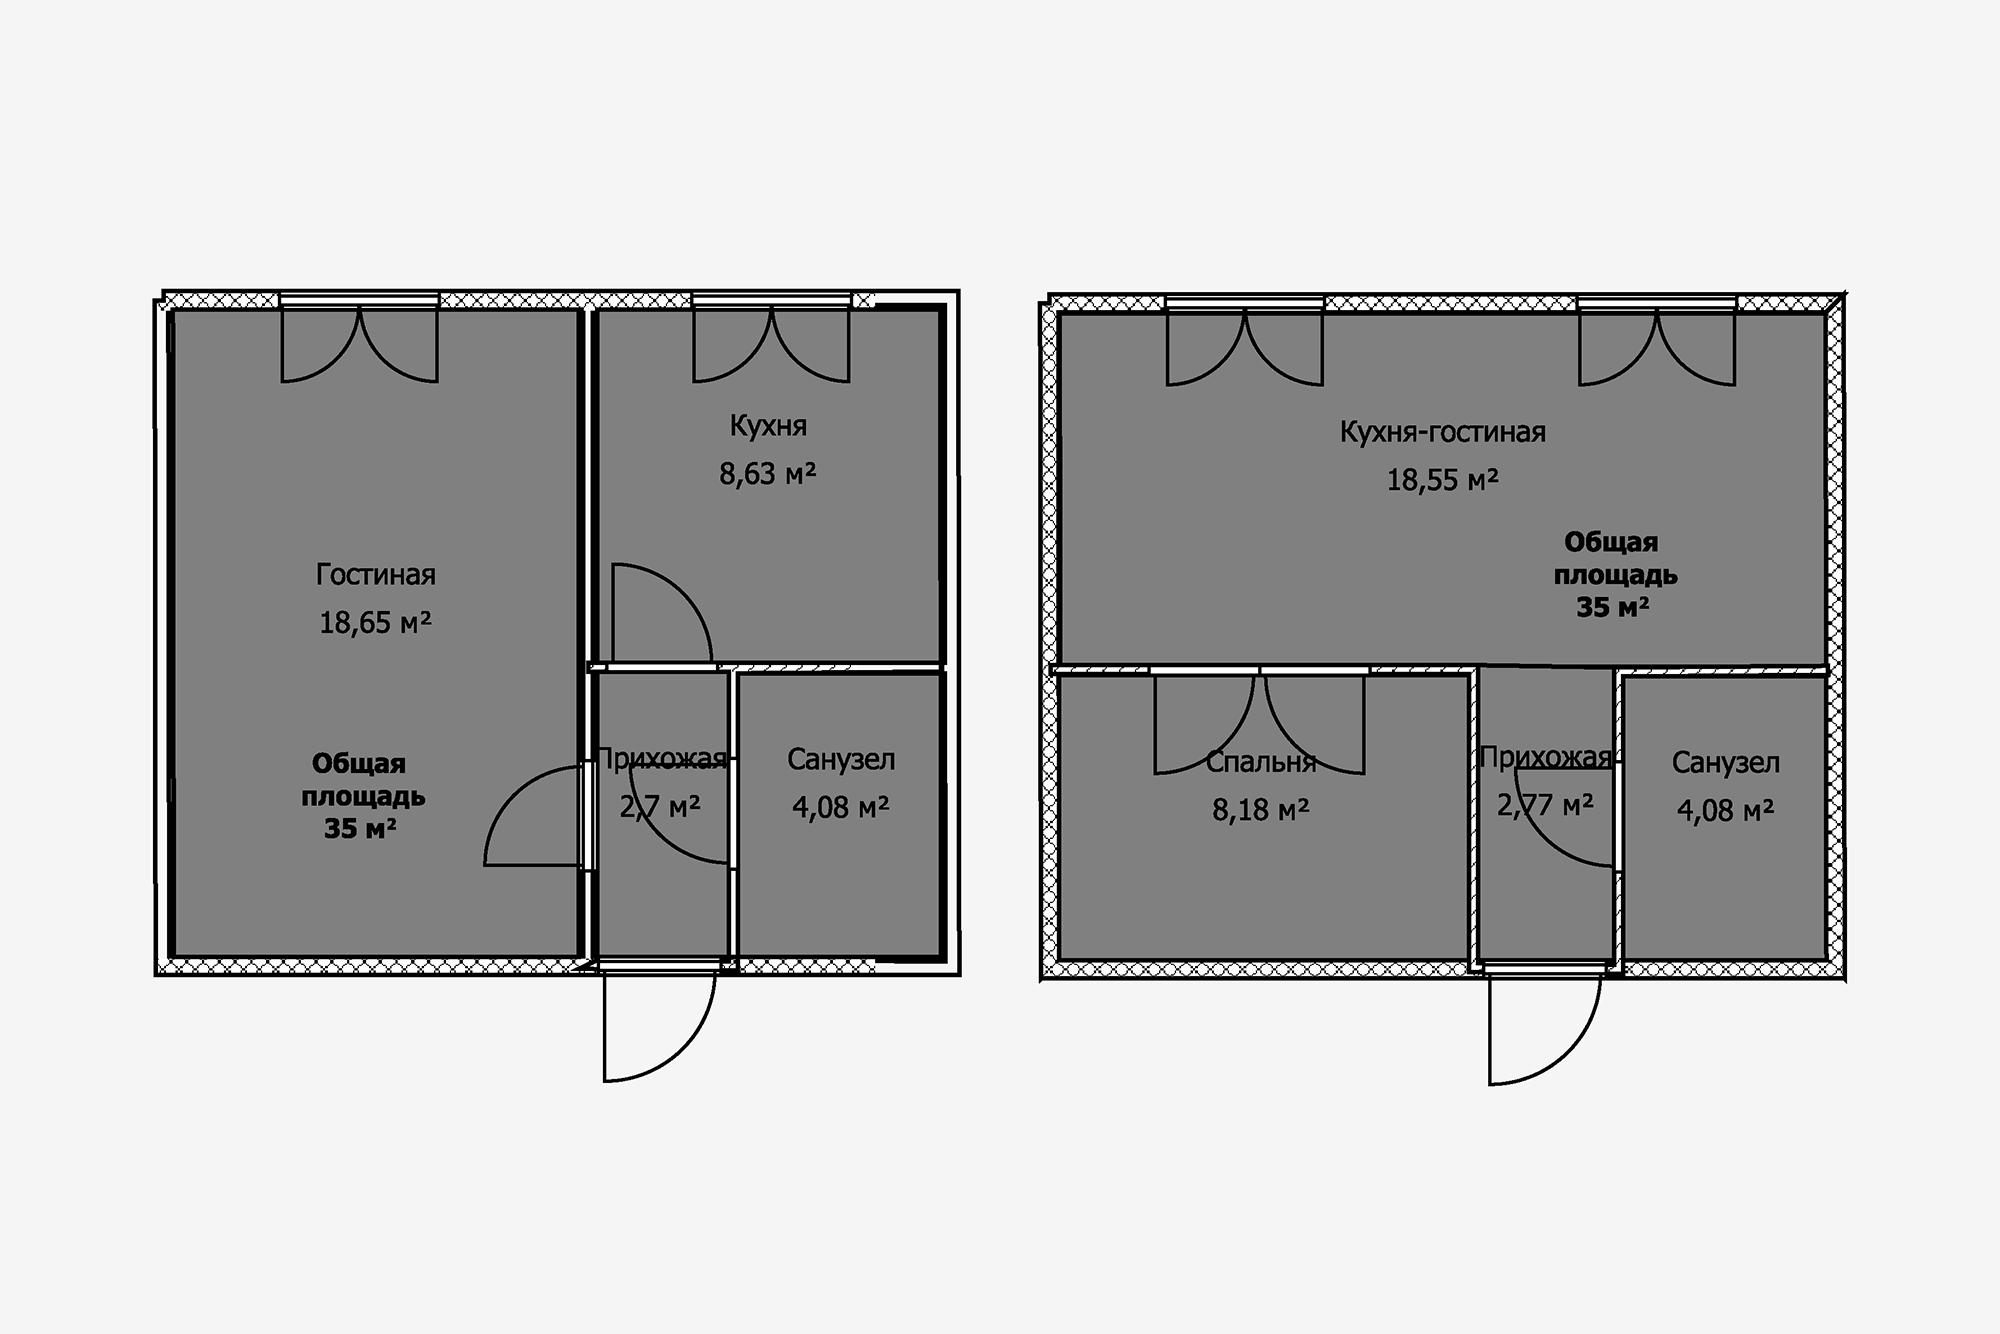 Втиповой однушке площадью 35м²можно объединить кухню игостиную, азатем выделить небольшую спальню. Ноесли стены несущие, толюбая перепланировка недопустима. Вэтом случае владельцам, скорее всего, придется спать нараскладном диване